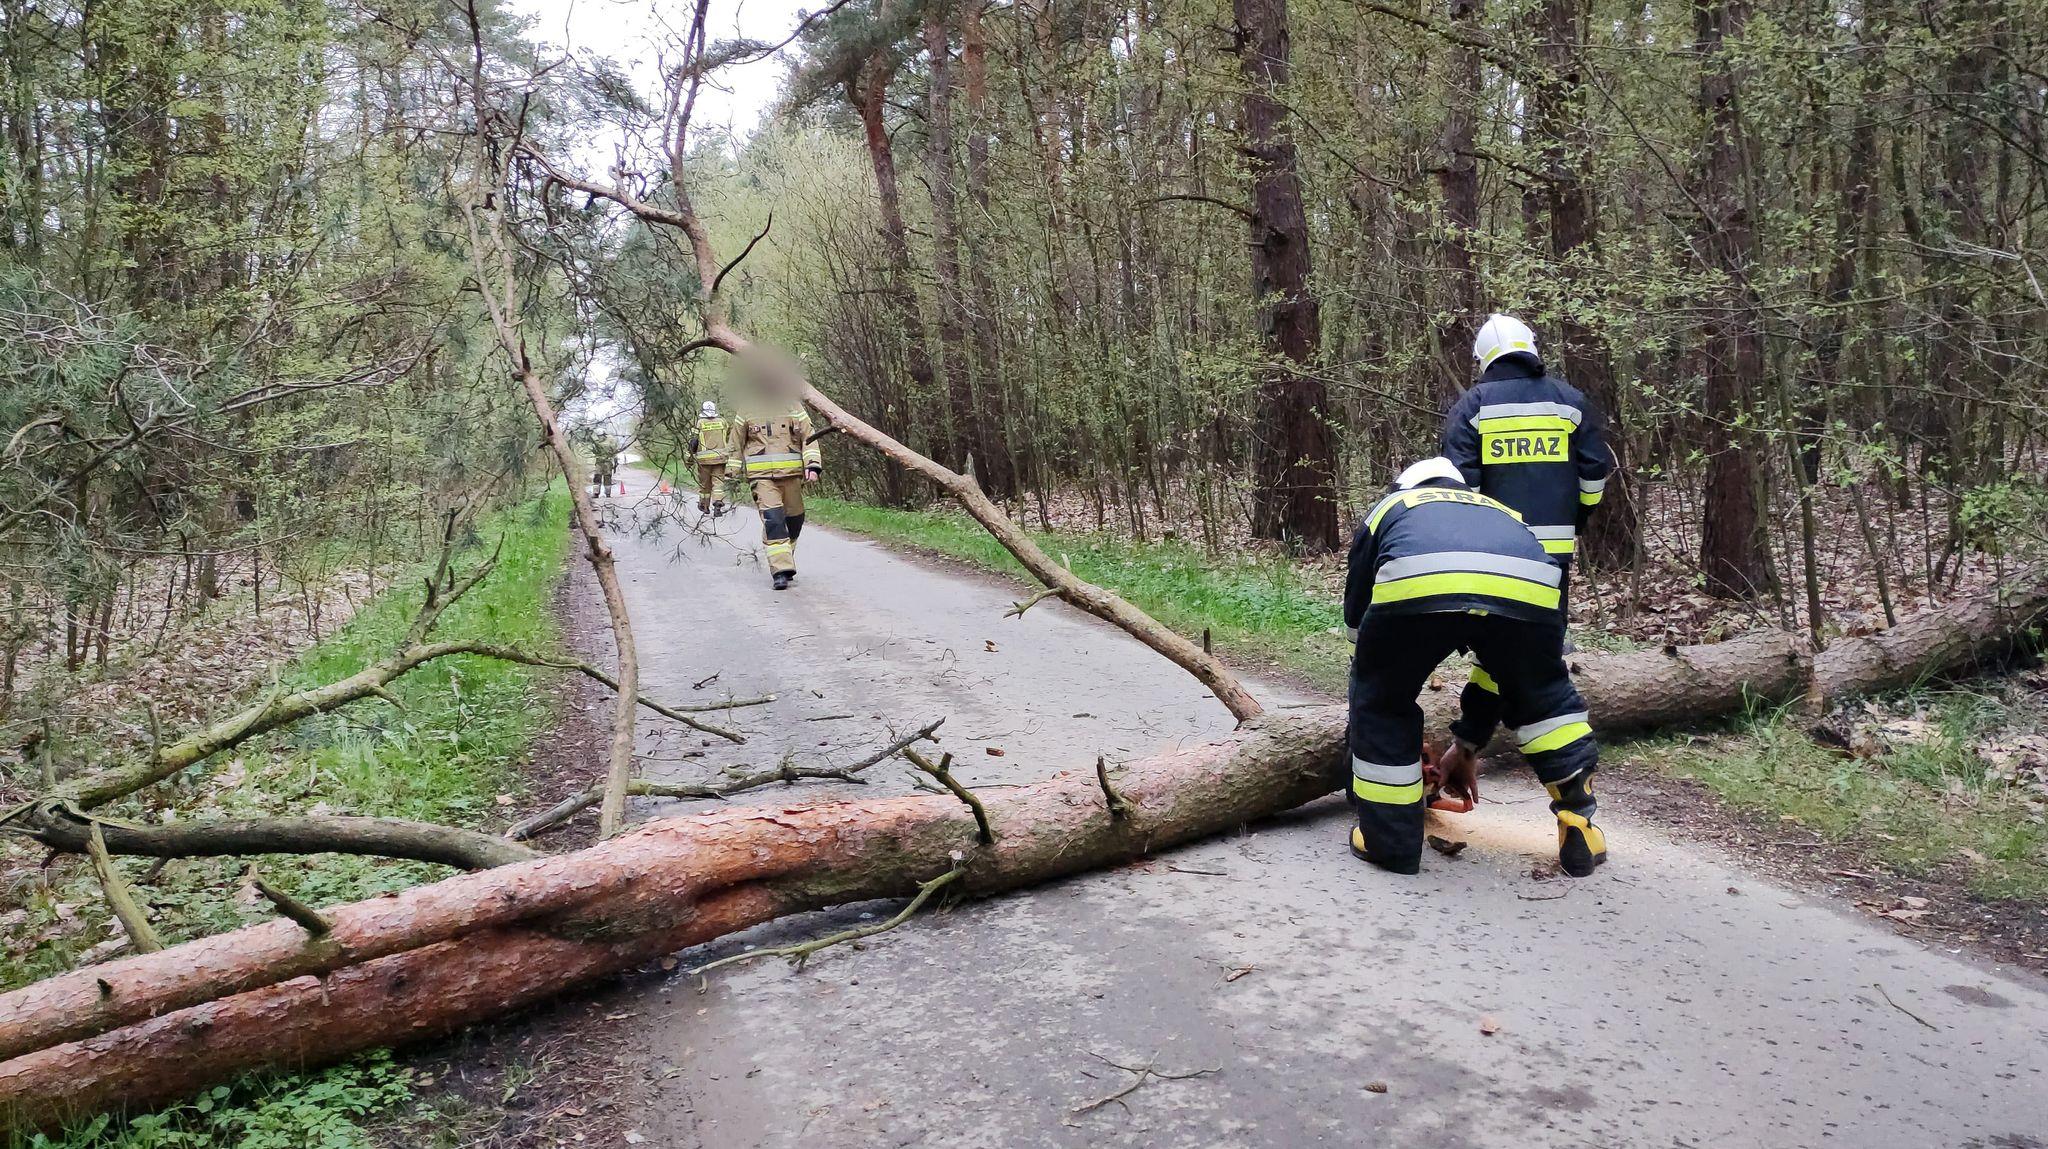 Powalone drzewo blokowało drogę [ZDJĘCIA] - Zdjęcie główne